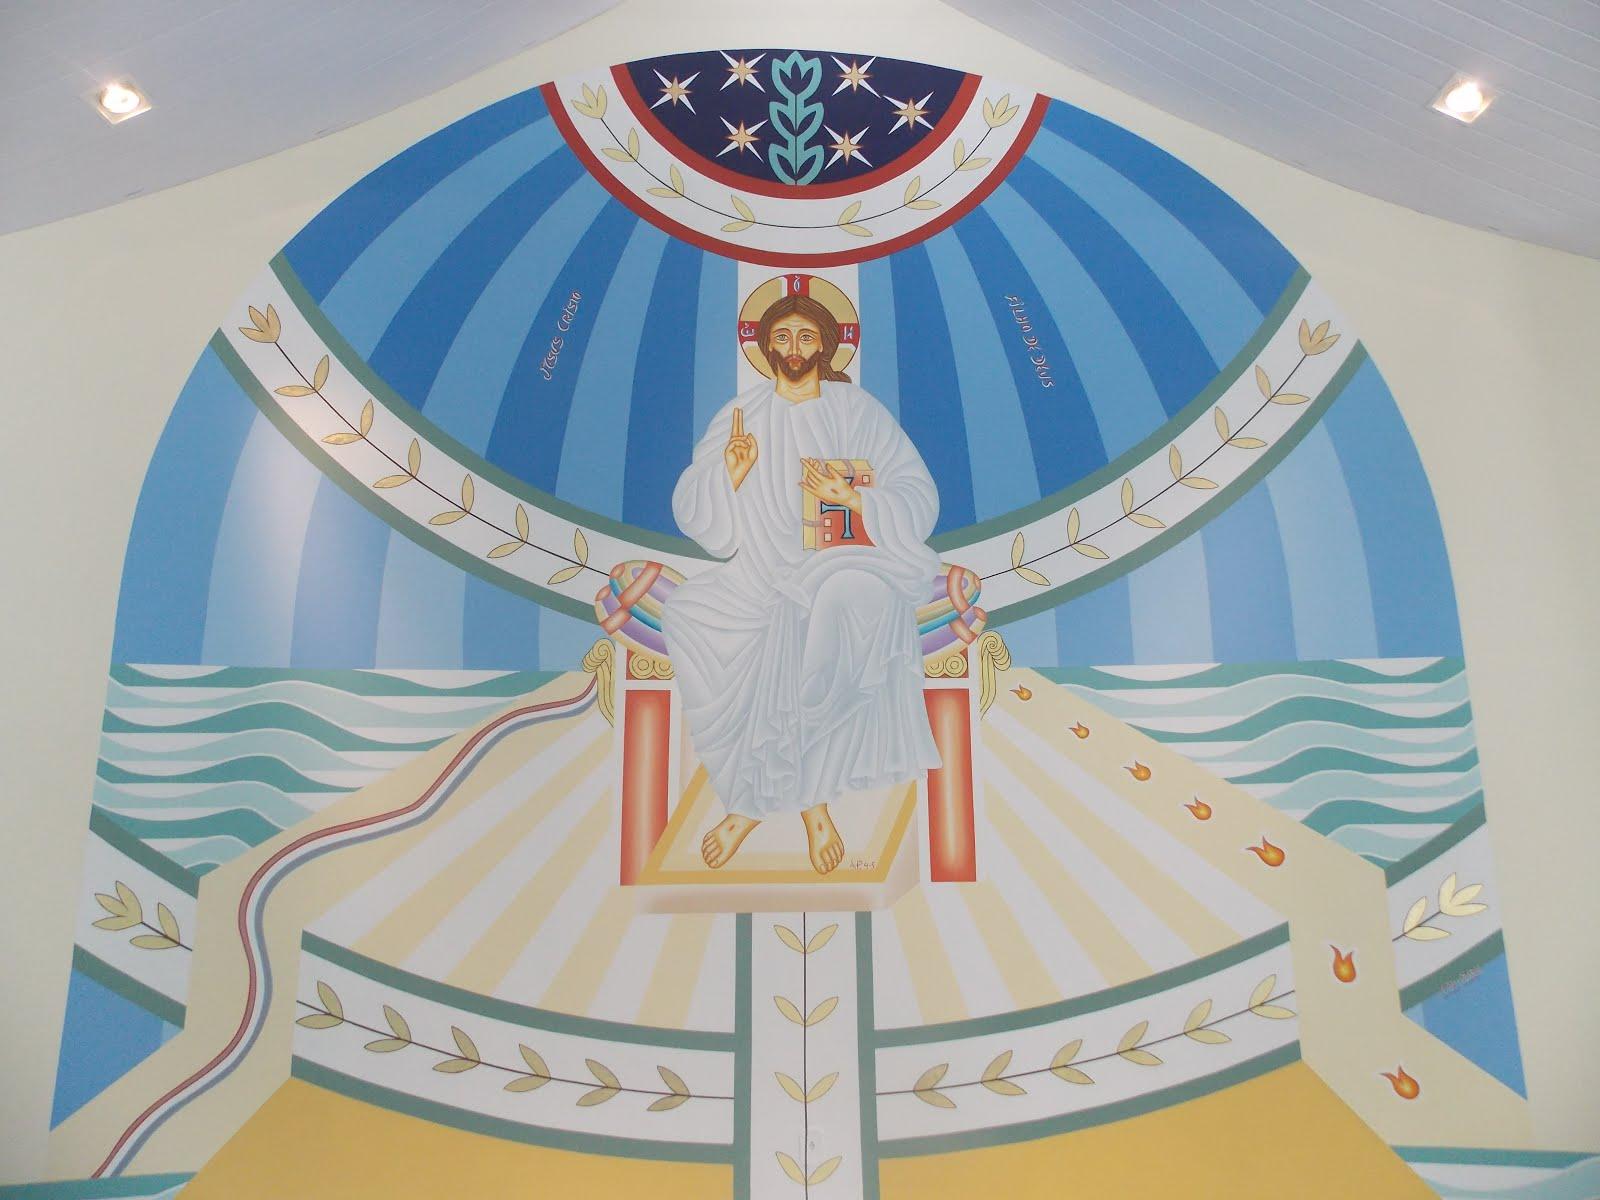 Detalhes do painel Cristo a paz Eu vos dou